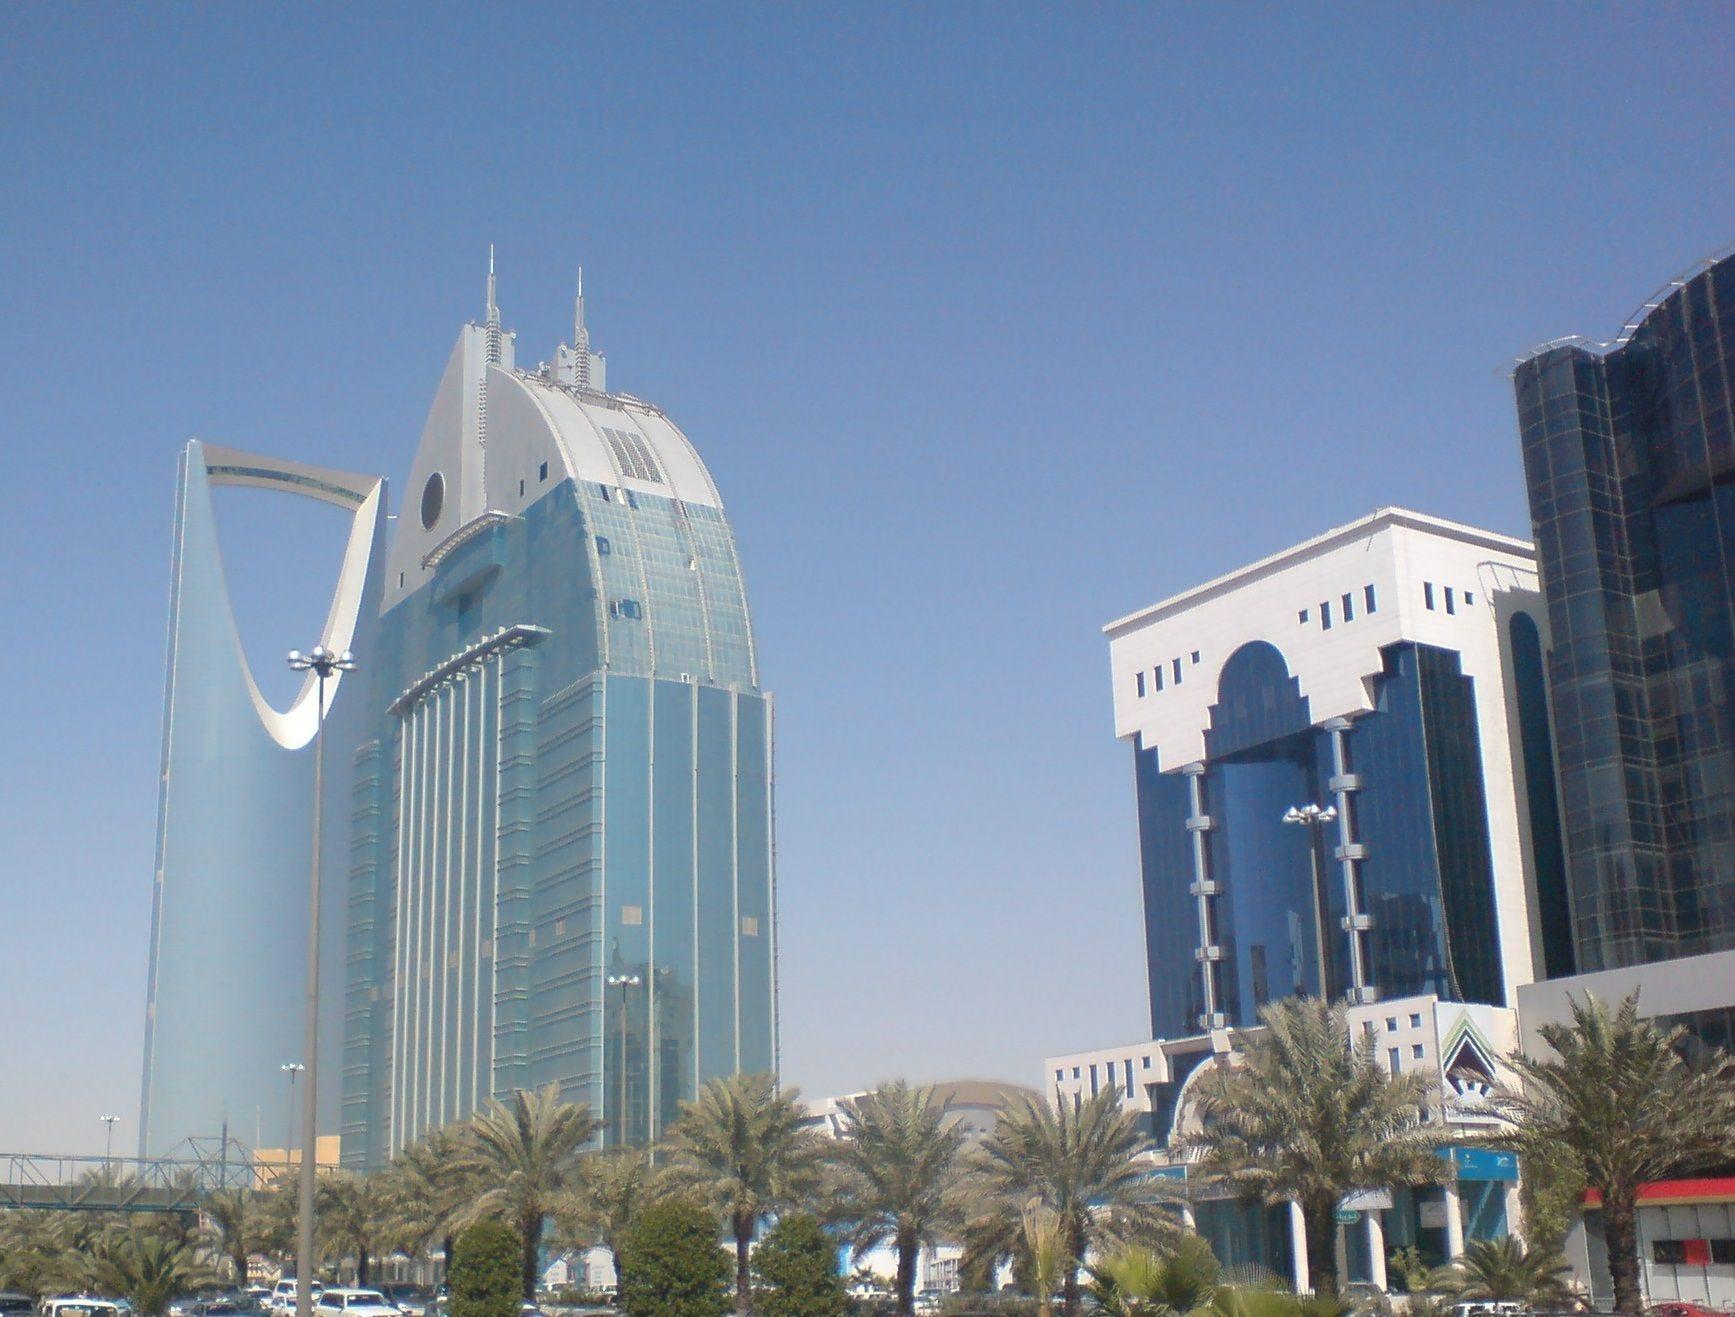 Medelita Available In Saudi Arabia